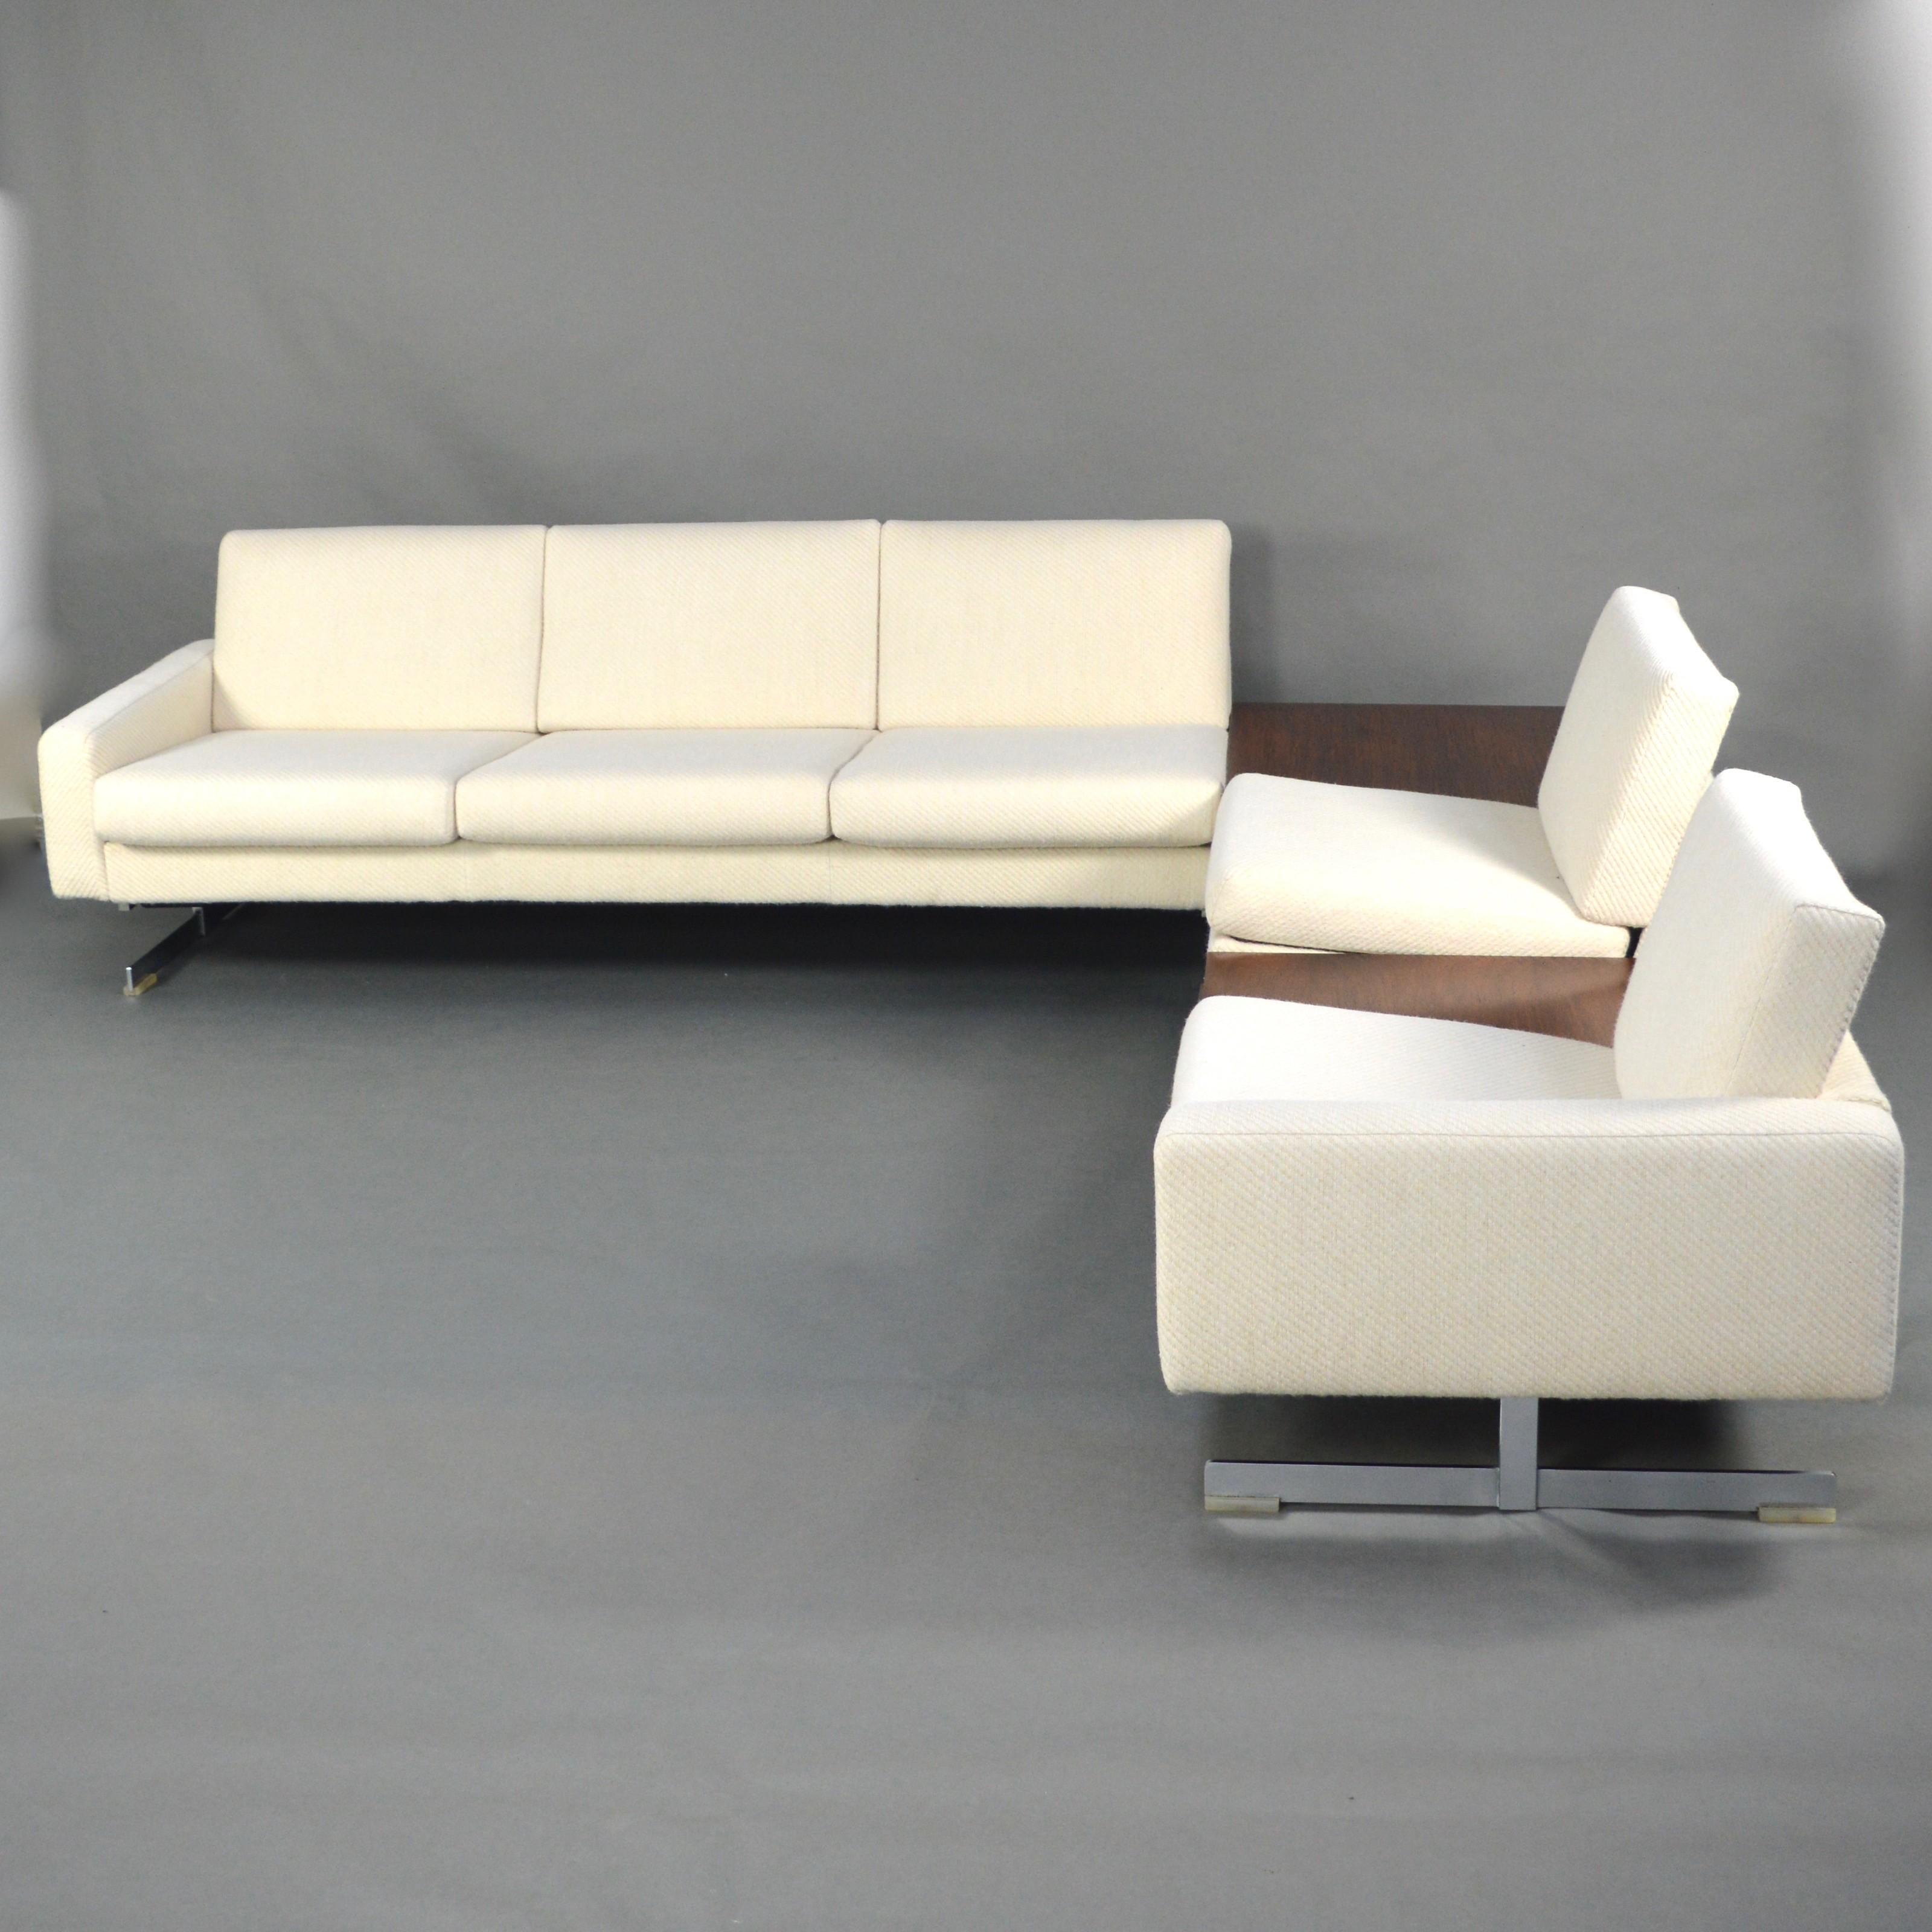 comfortable rolf benz sofa. Previous Next Comfortable Rolf Benz Sofa